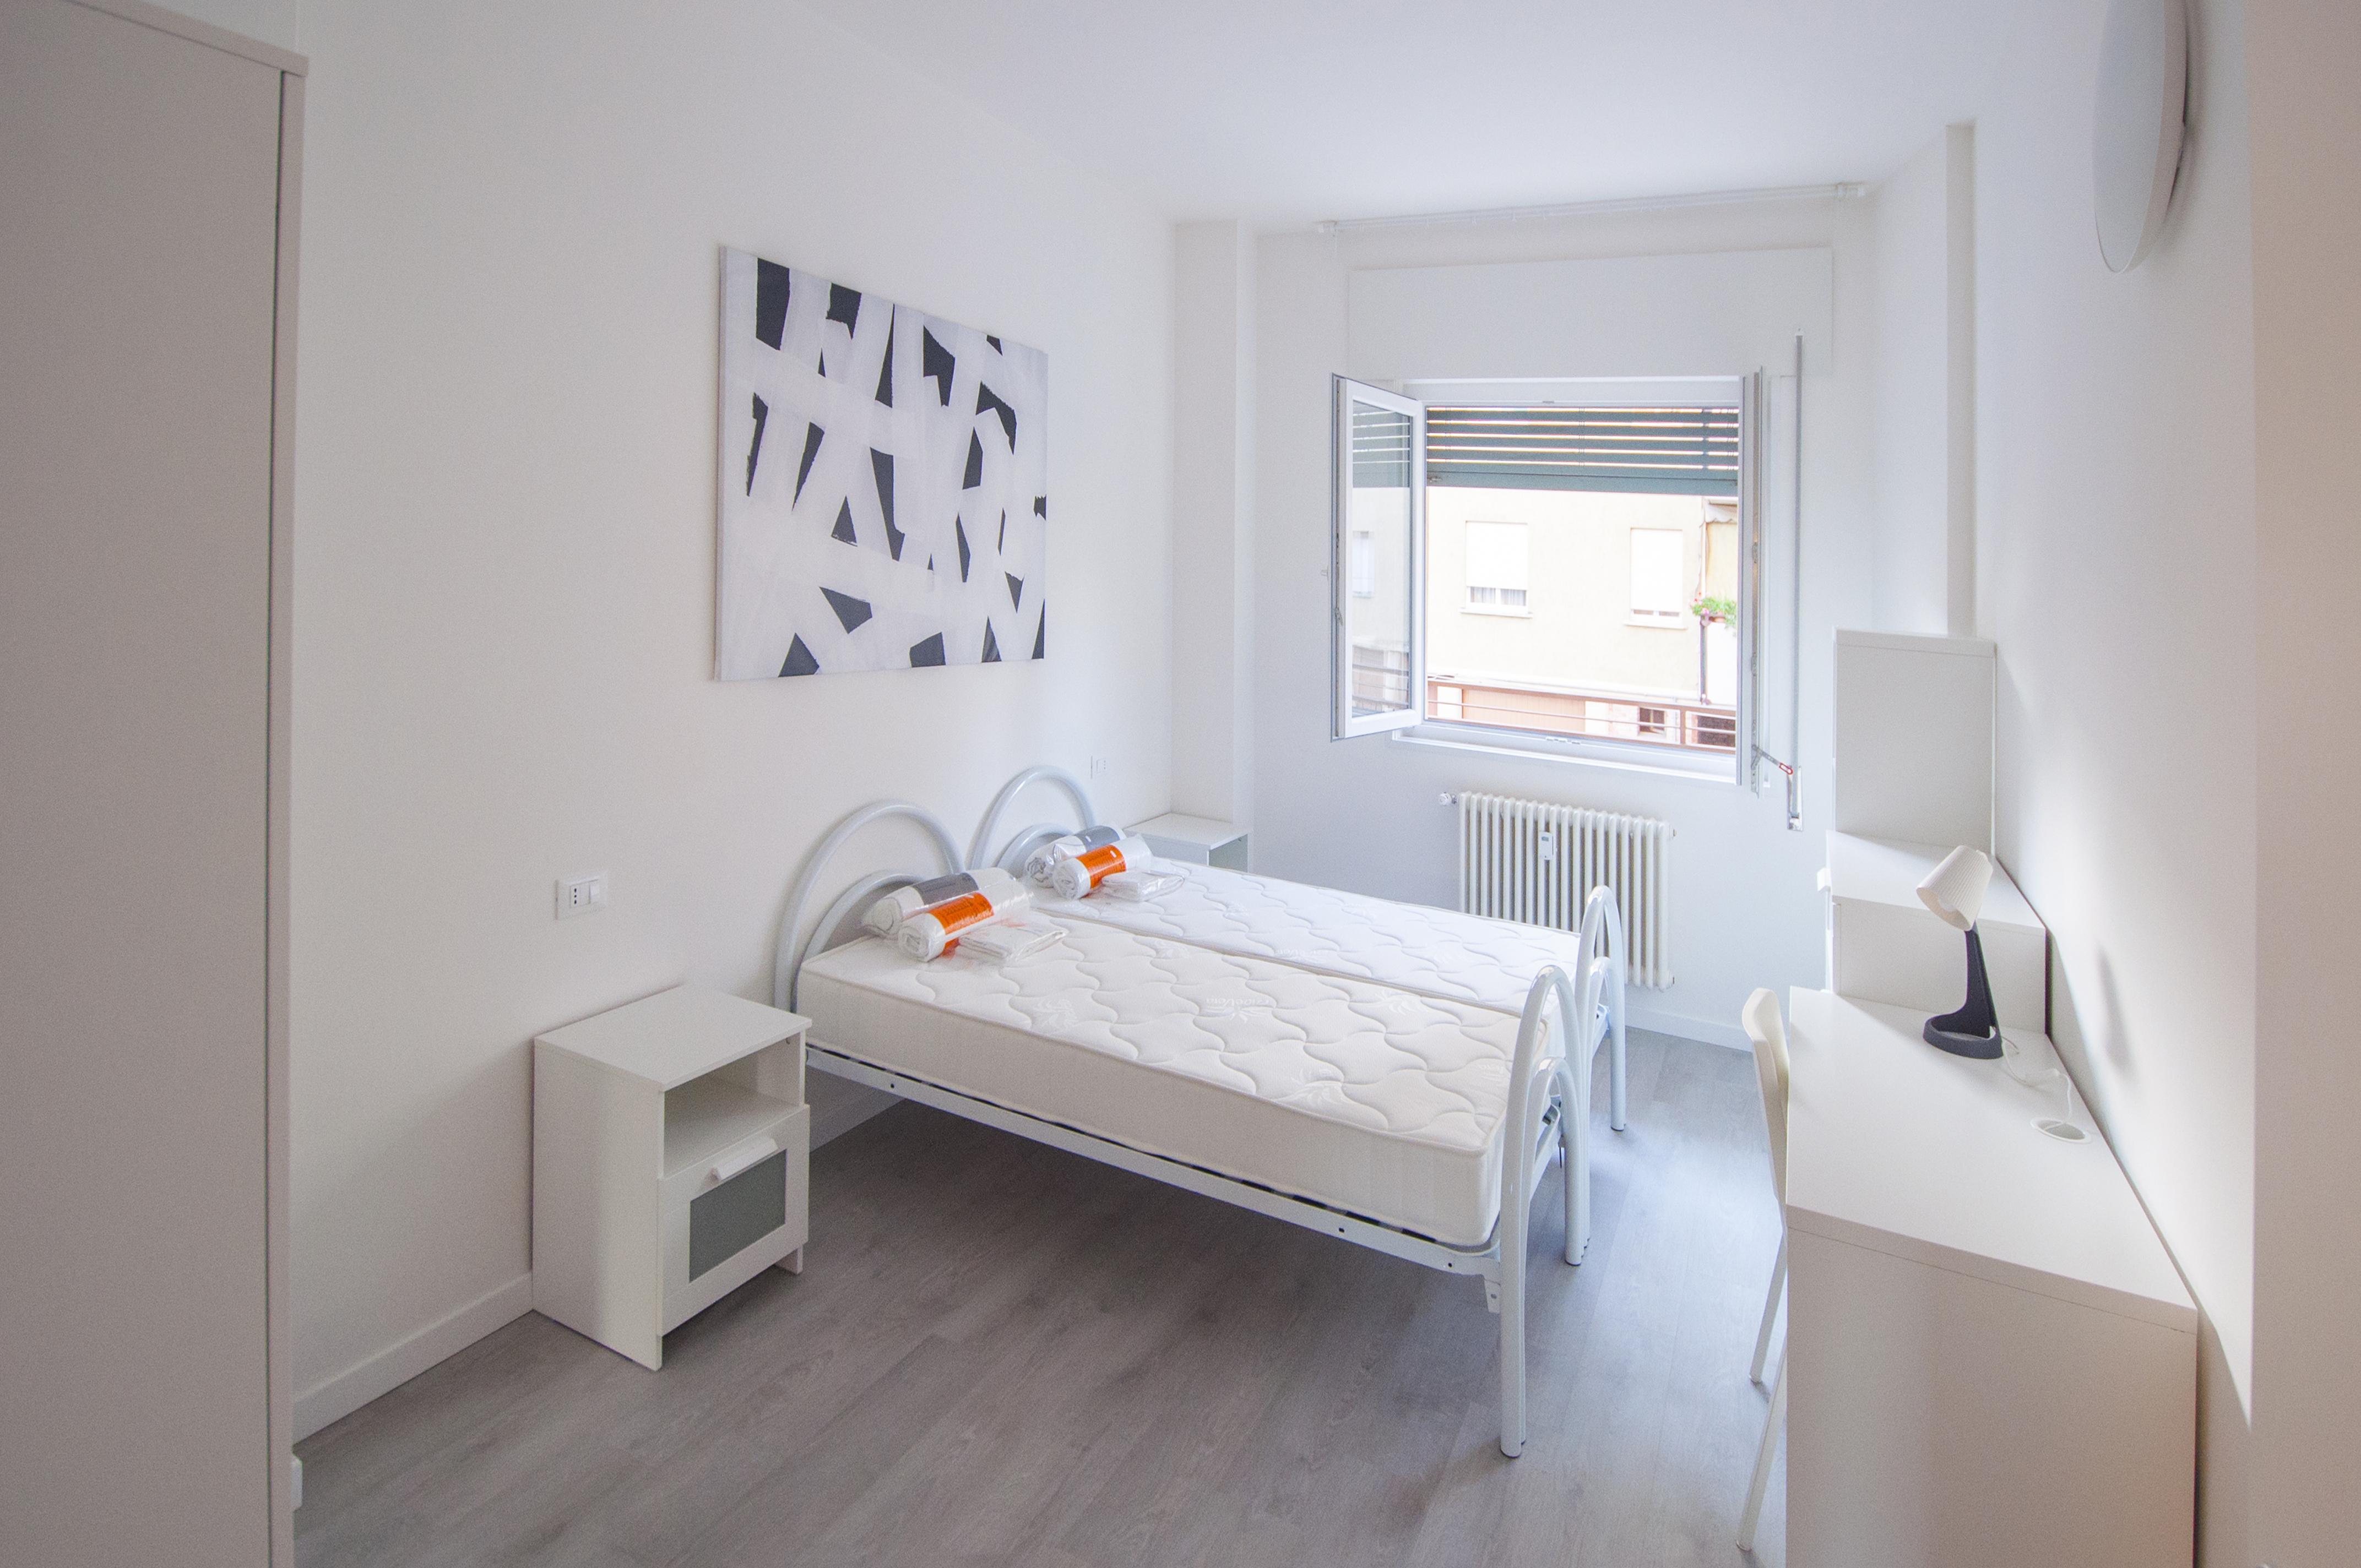 Camere in affitto-Treviso-Ospedale-Stazione-Studio-Architettura-Zanatta_05